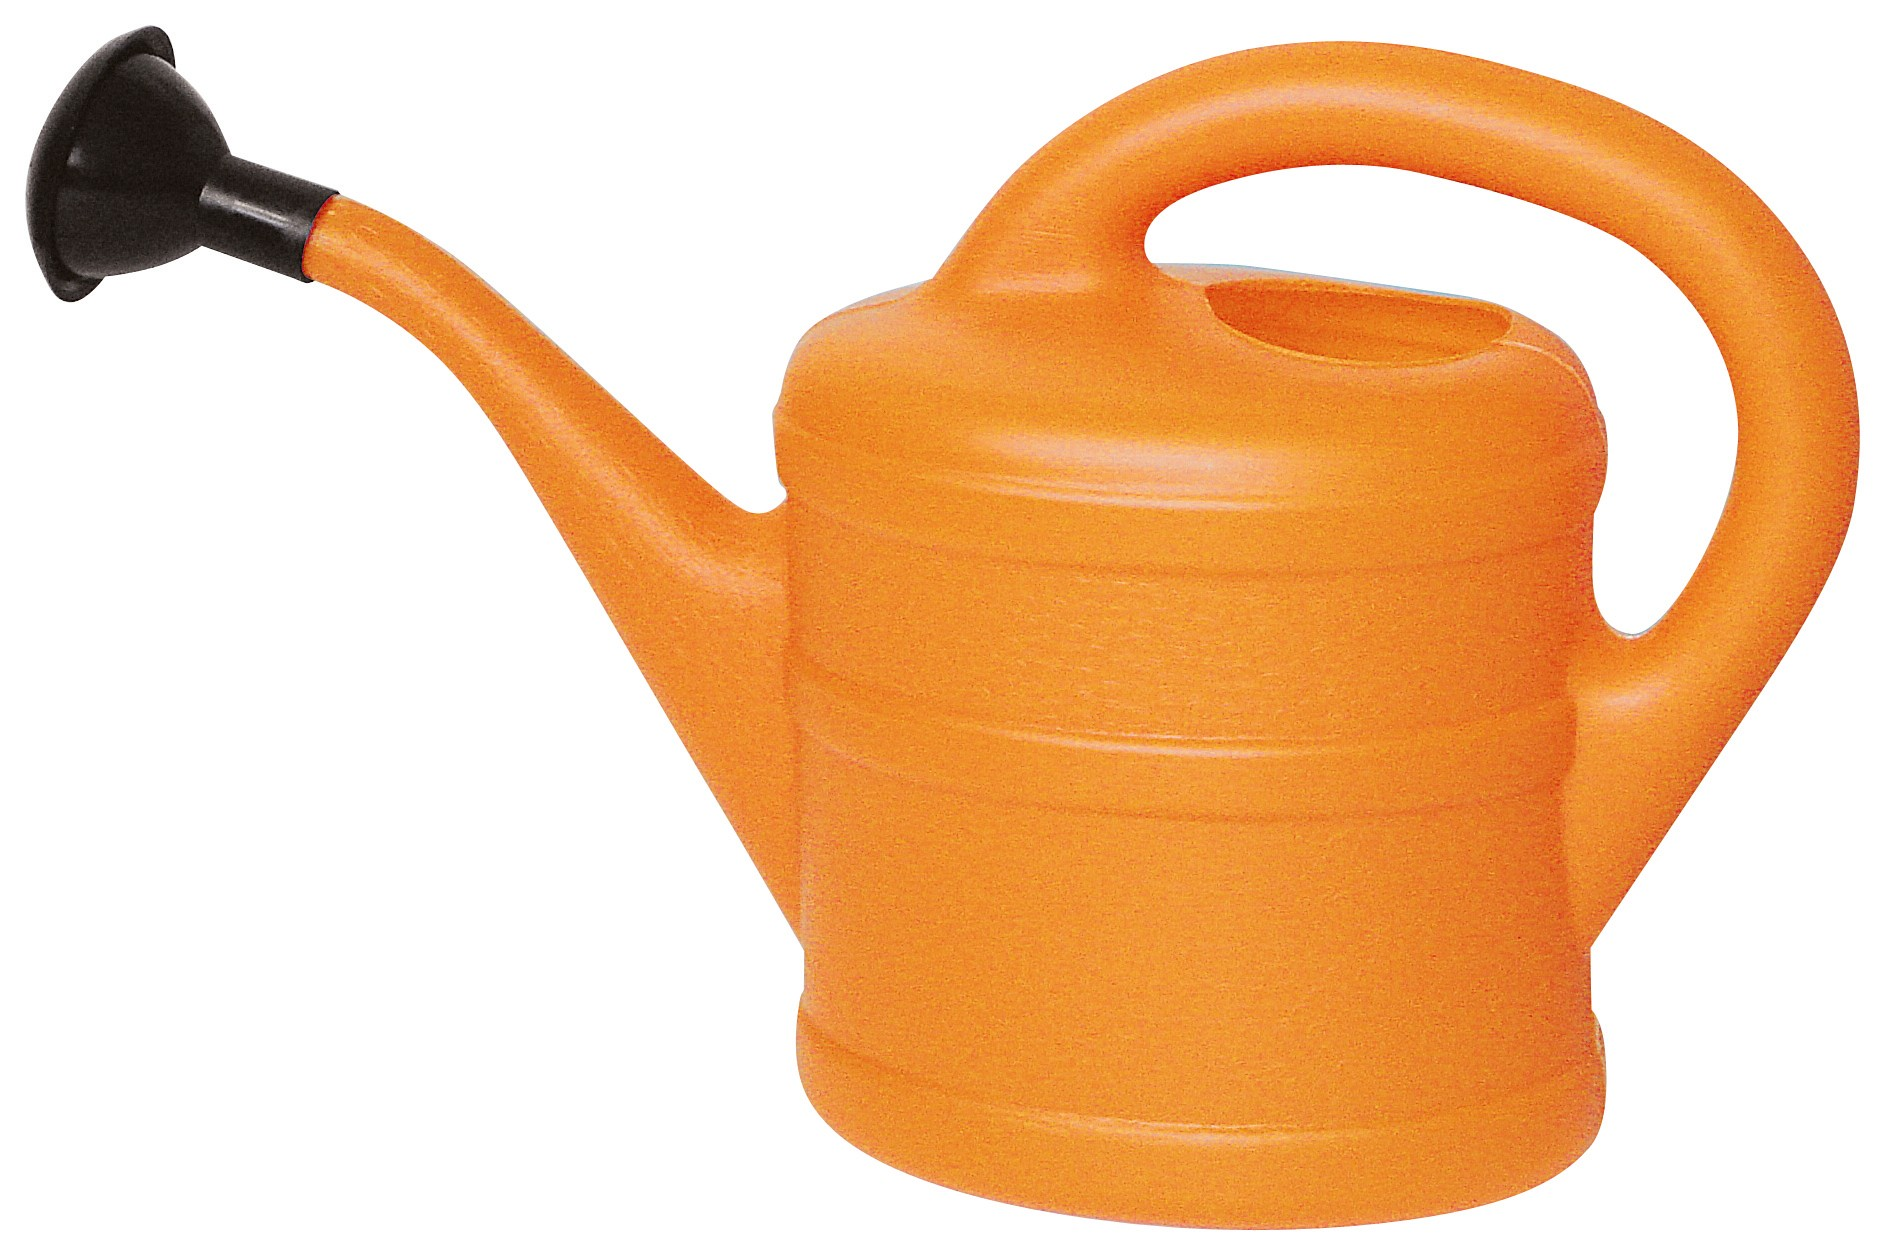 Gießkanne / Blumengießkanne 2 Liter orange Bild 1